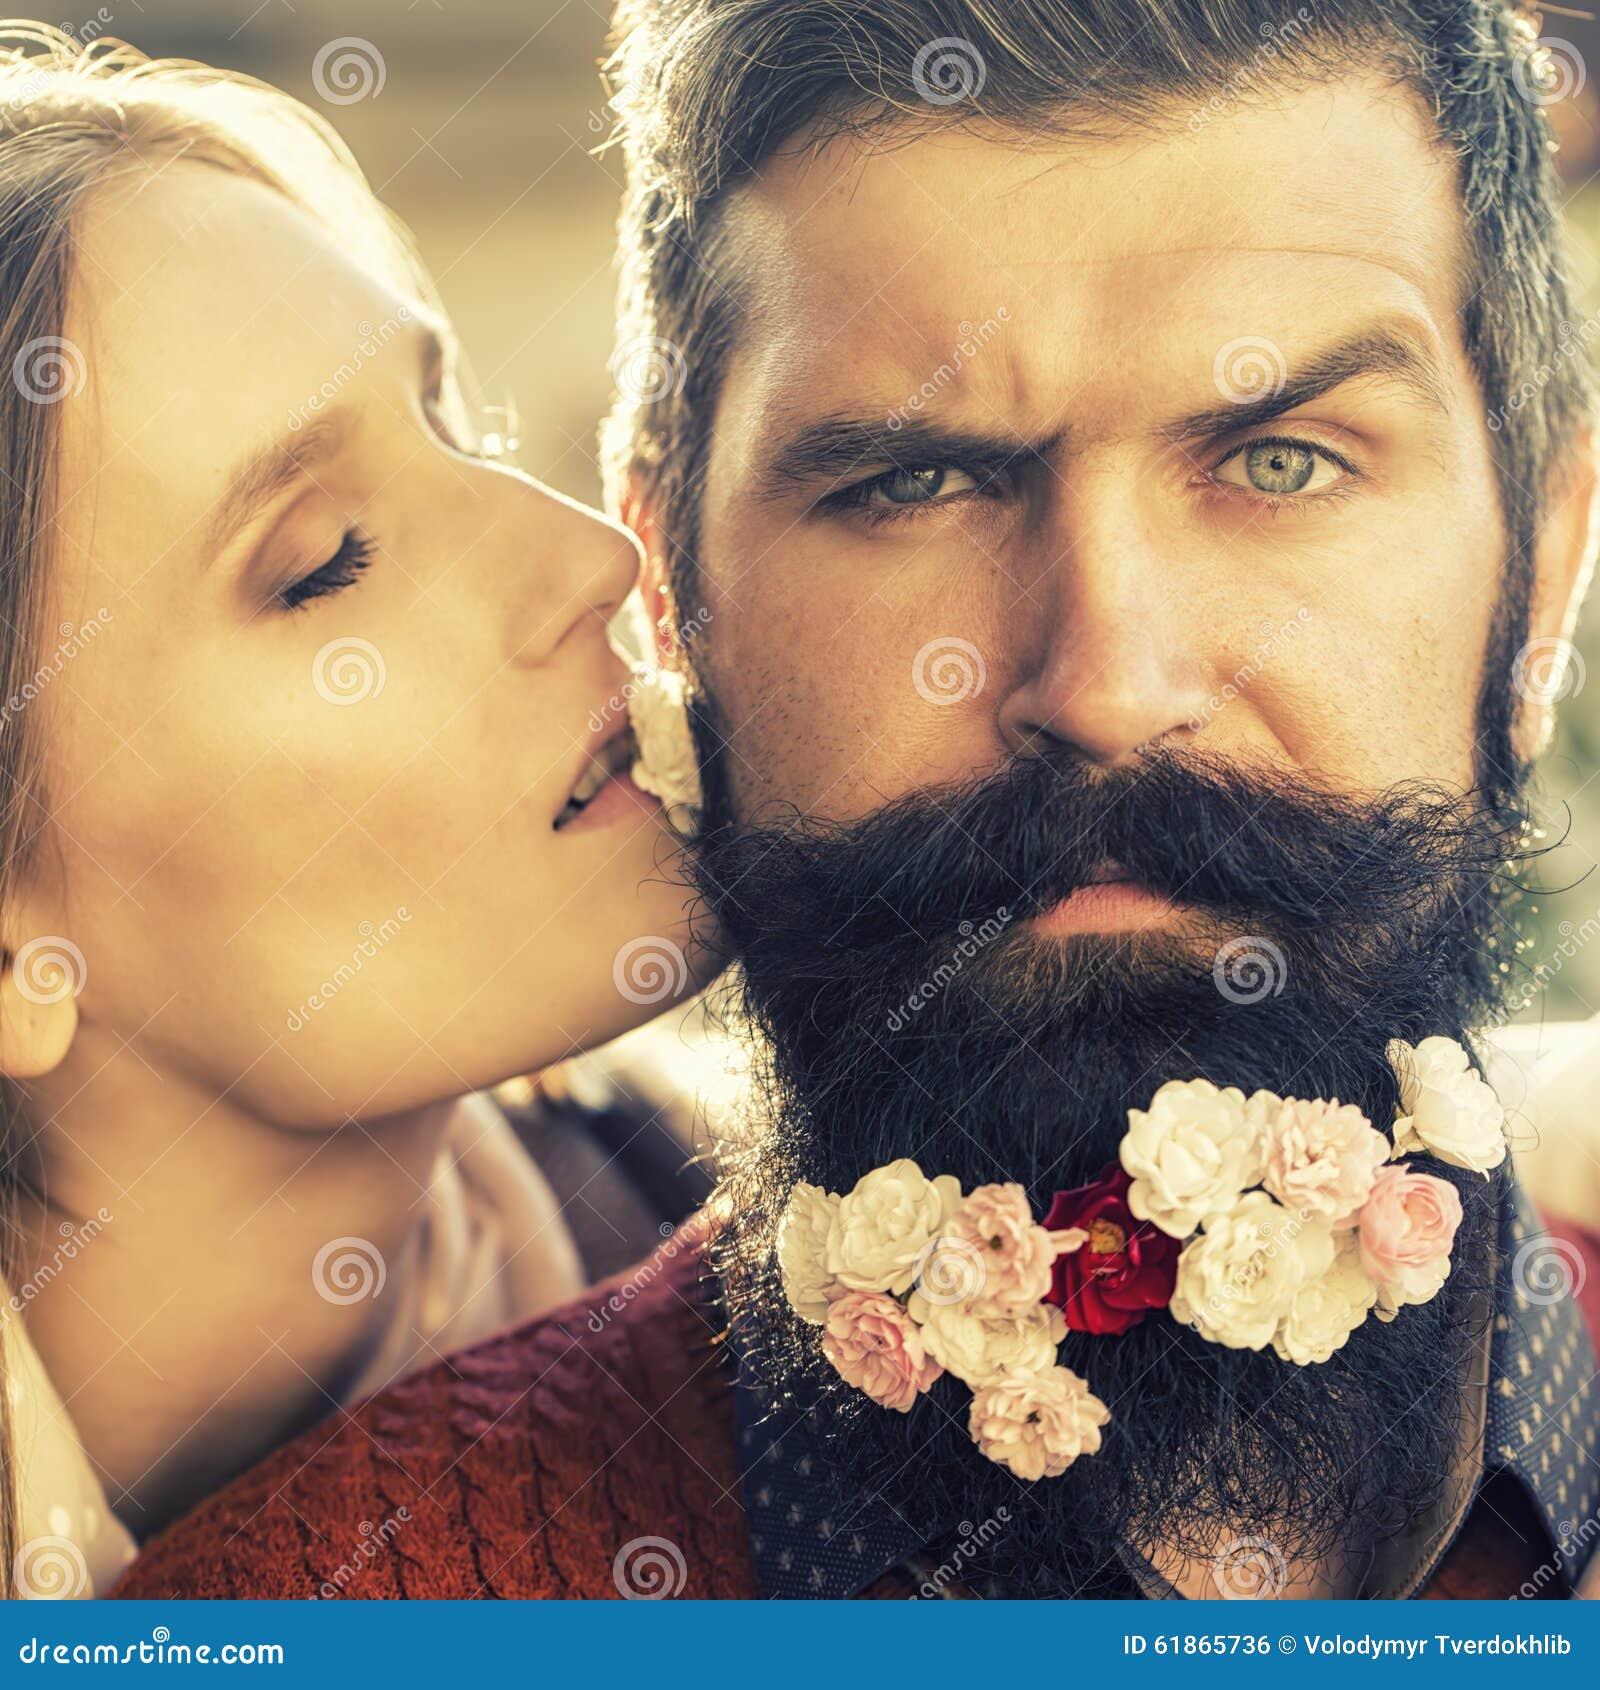 Black guy kissing girl-1408